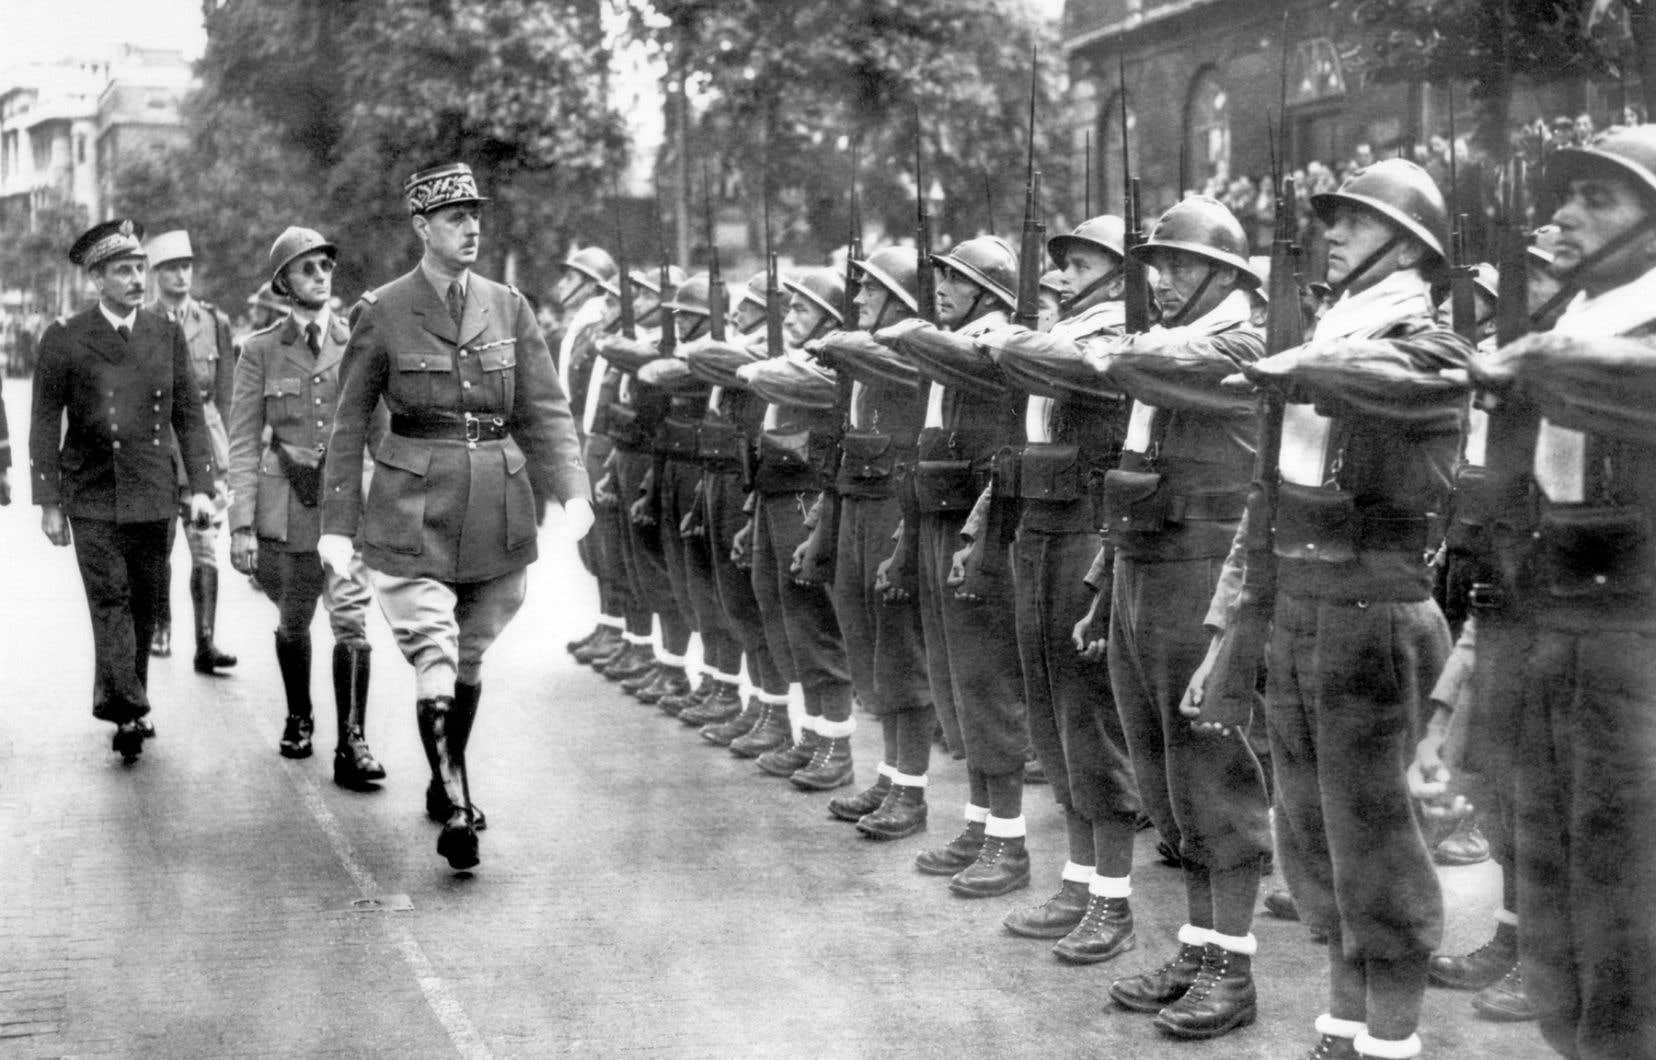 Le général Charles de Gaulle passe en revue les forces de la France libre au cours d'un défilé militaire tenu à l'occasion de la fête nationale de la France, le 14 juillet 1940, à Londres.